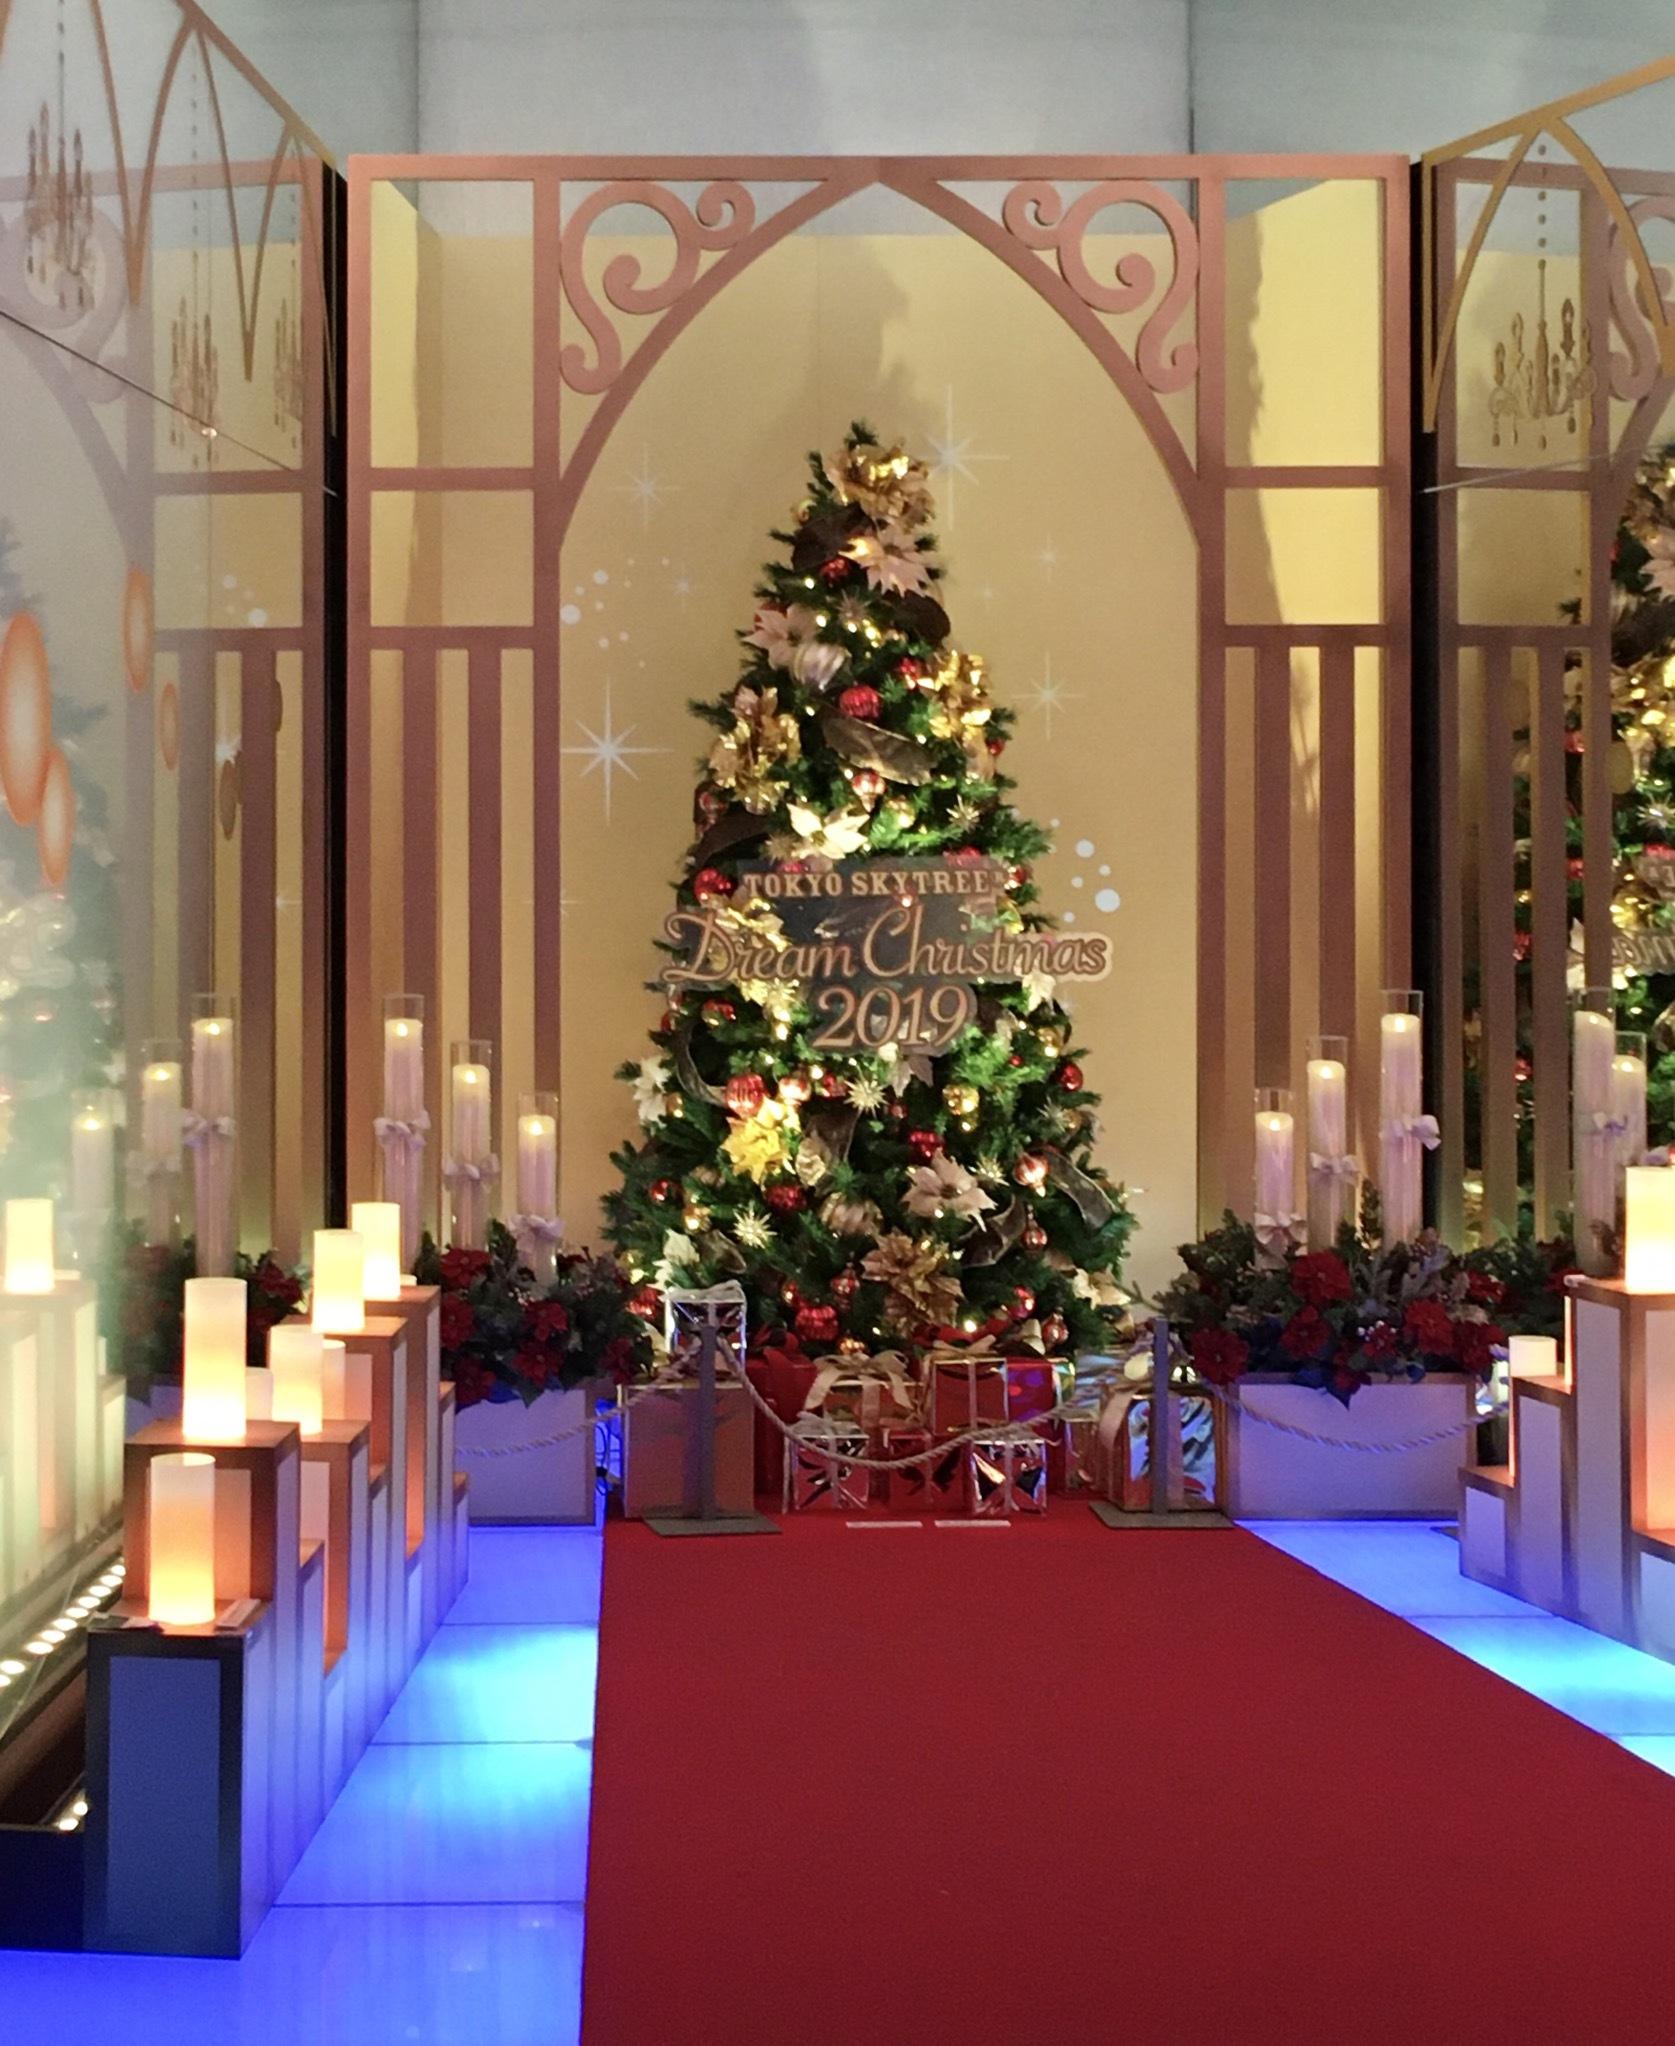 【デートにおすすめ】スカイツリーのクリスマス仕様がすごかった!_1_5